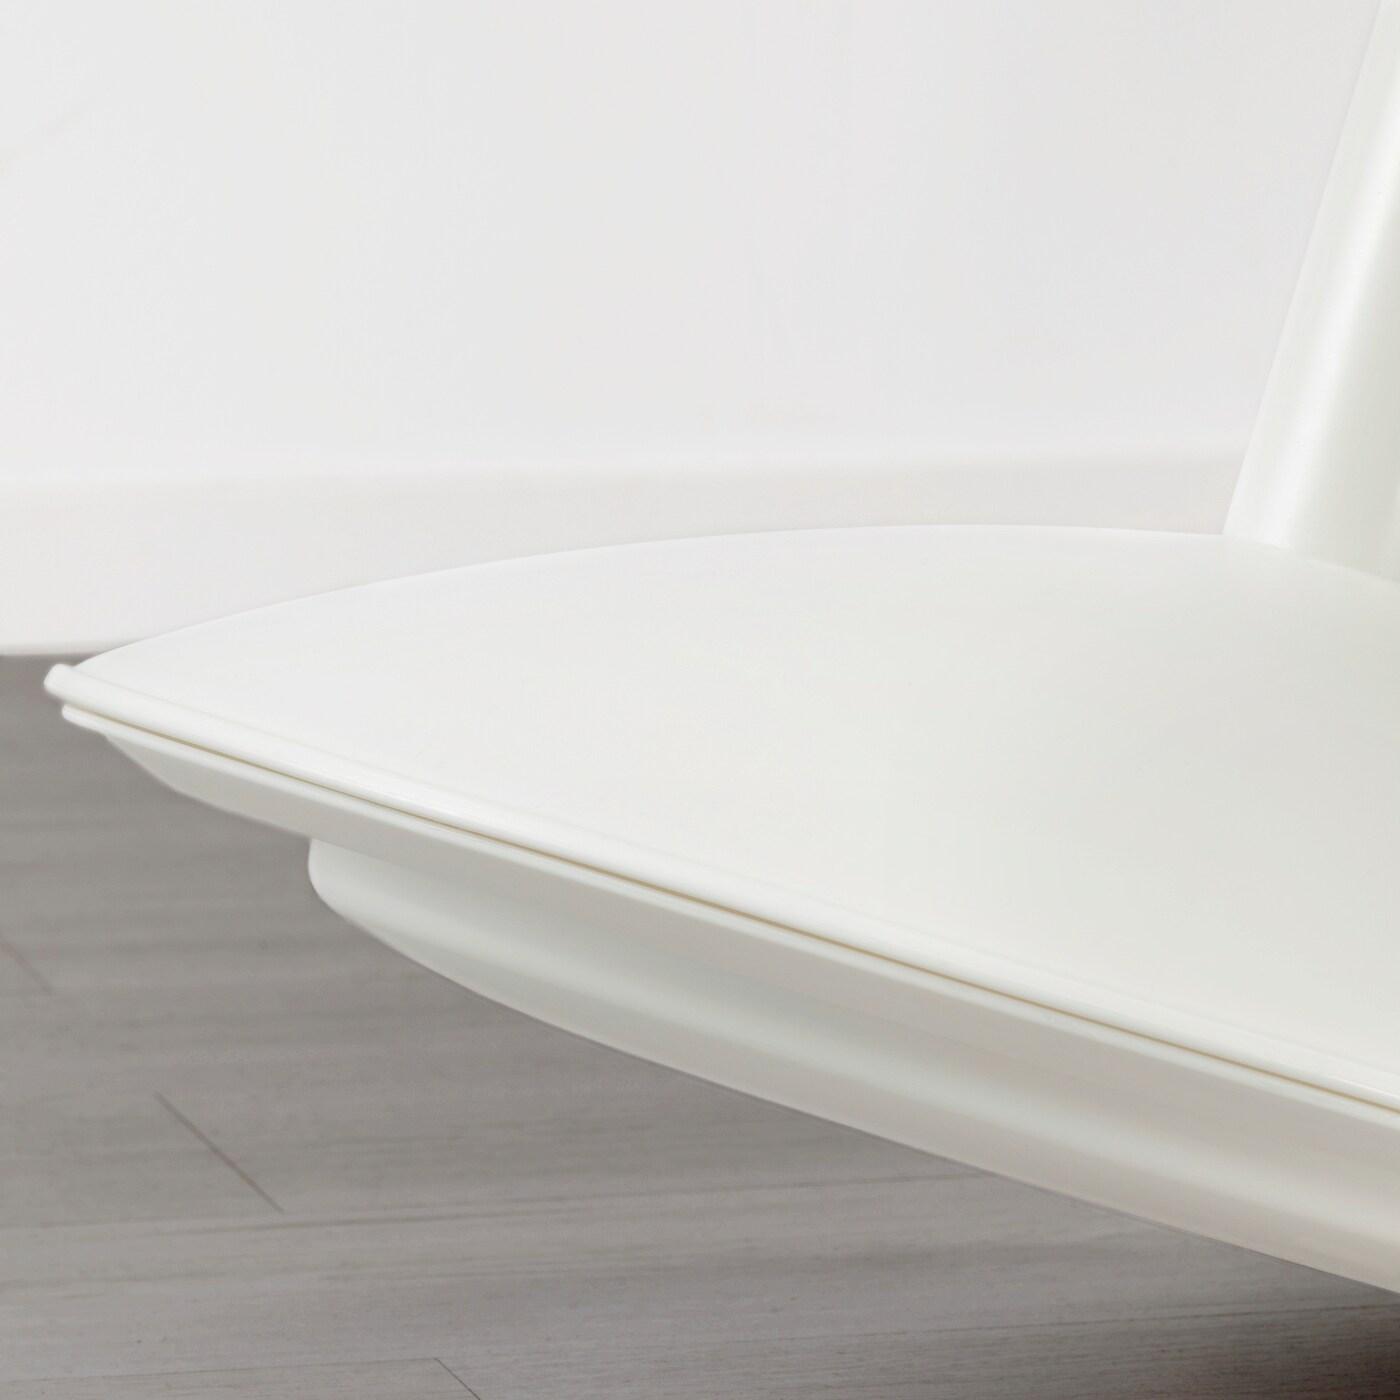 Full Size of Stehhilfe Ikea Nilserik Stehsttze Wei Betten 160x200 Küche Kosten Sofa Mit Schlaffunktion Bei Kaufen Modulküche Miniküche Wohnzimmer Stehhilfe Ikea